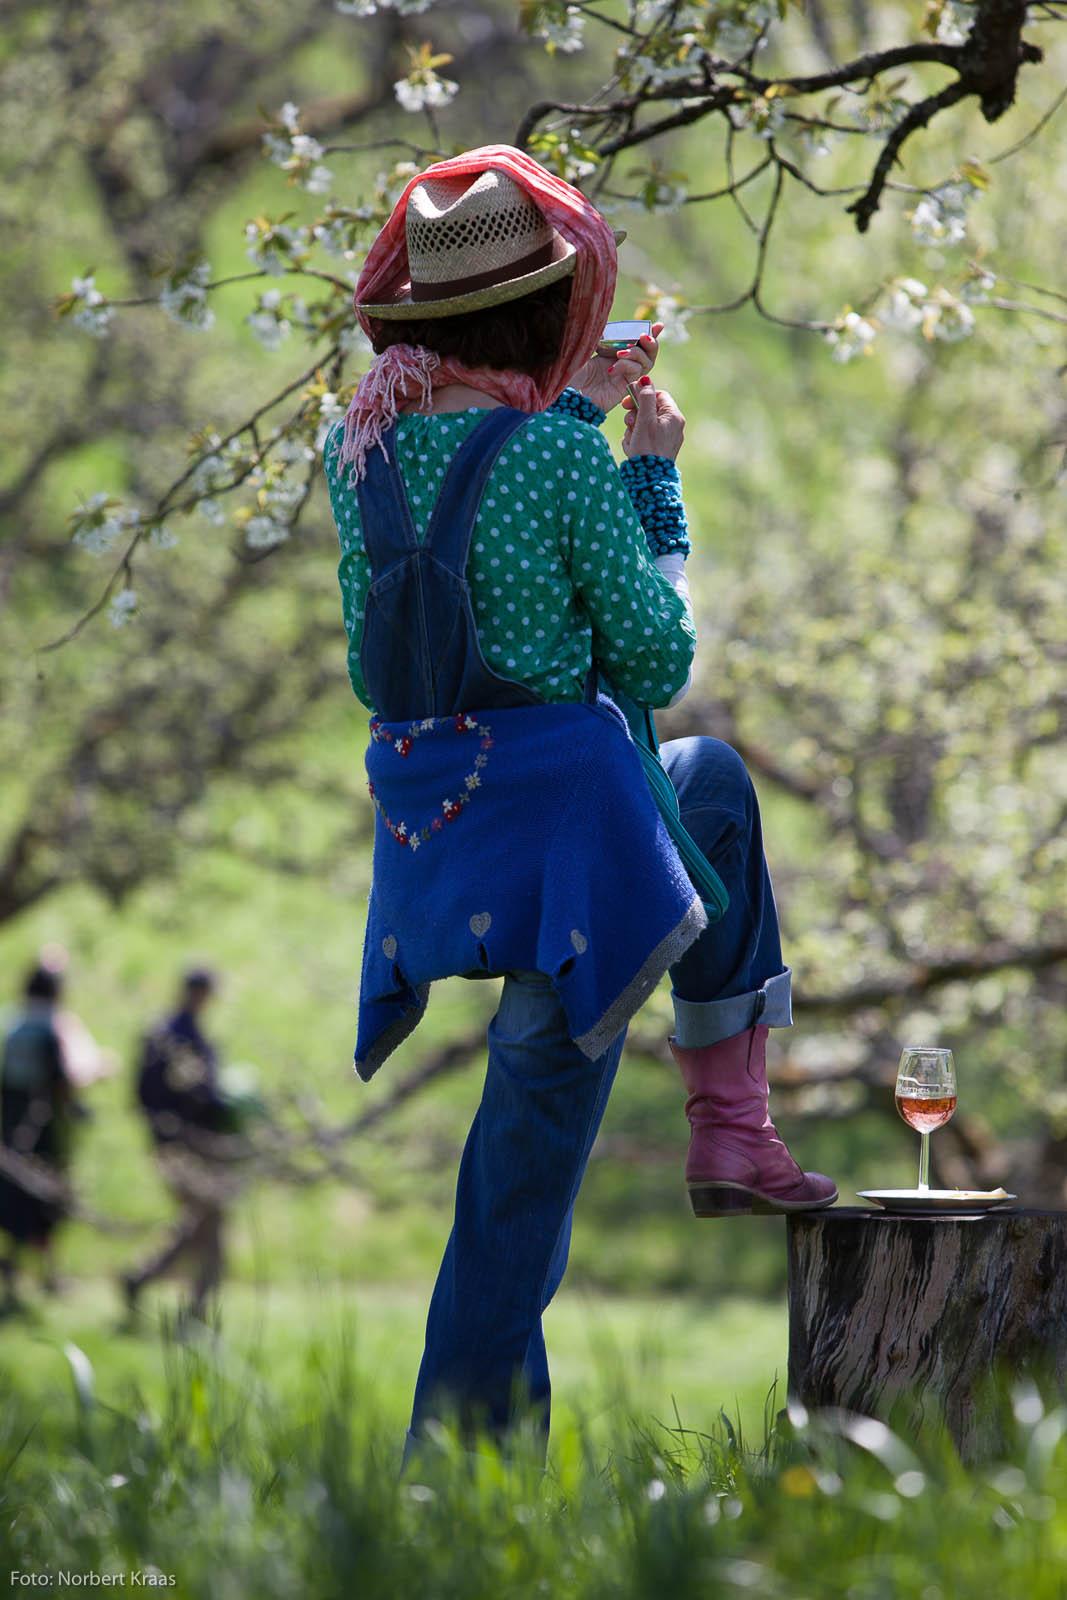 Künstlerin Dietlinde Elsässer in der Maske unter Kirschenblüten.